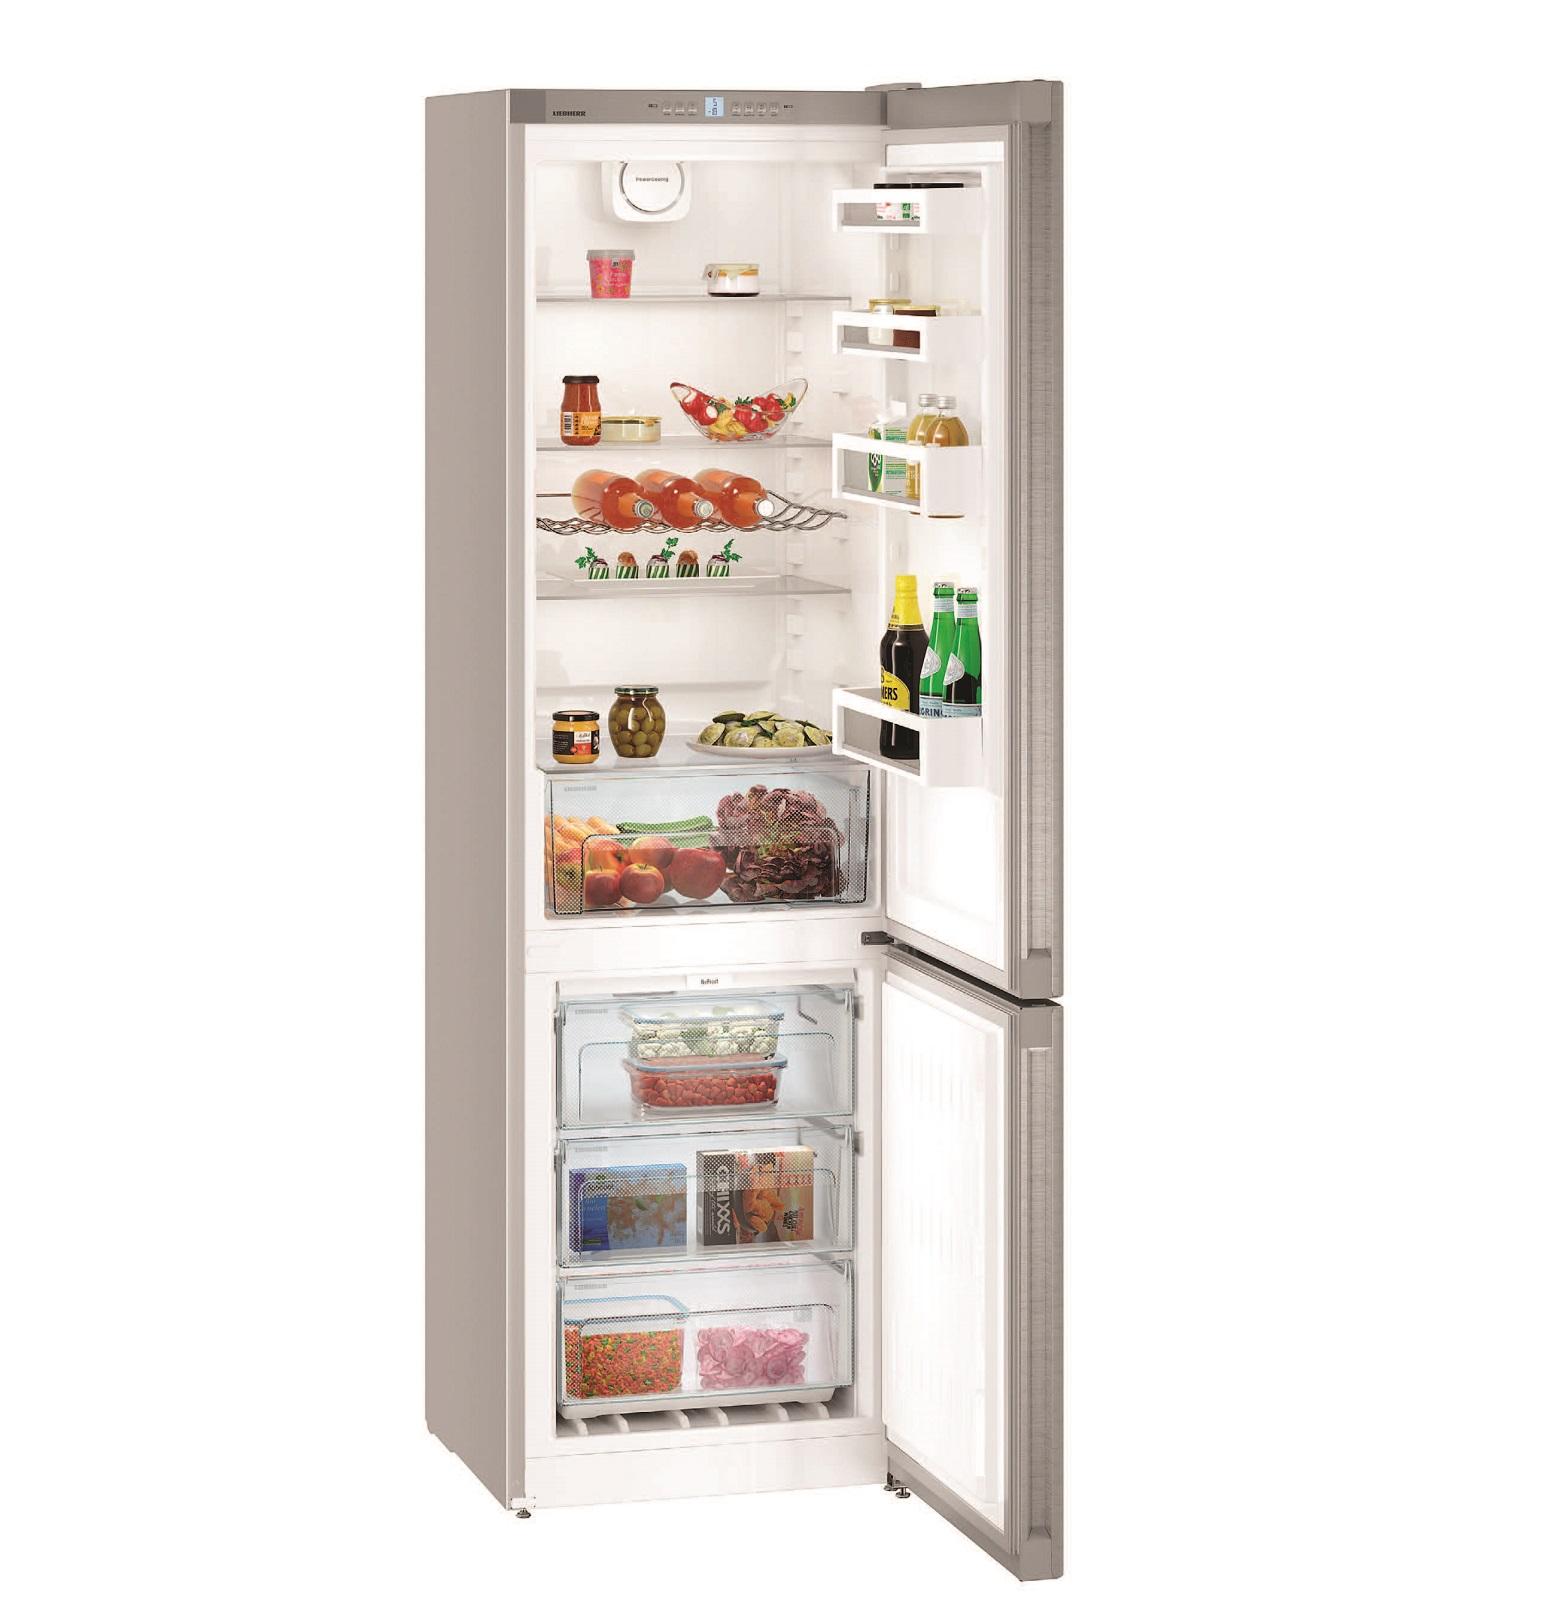 купить Двухкамерный холодильник Liebherr CNef 4813 Украина фото 0